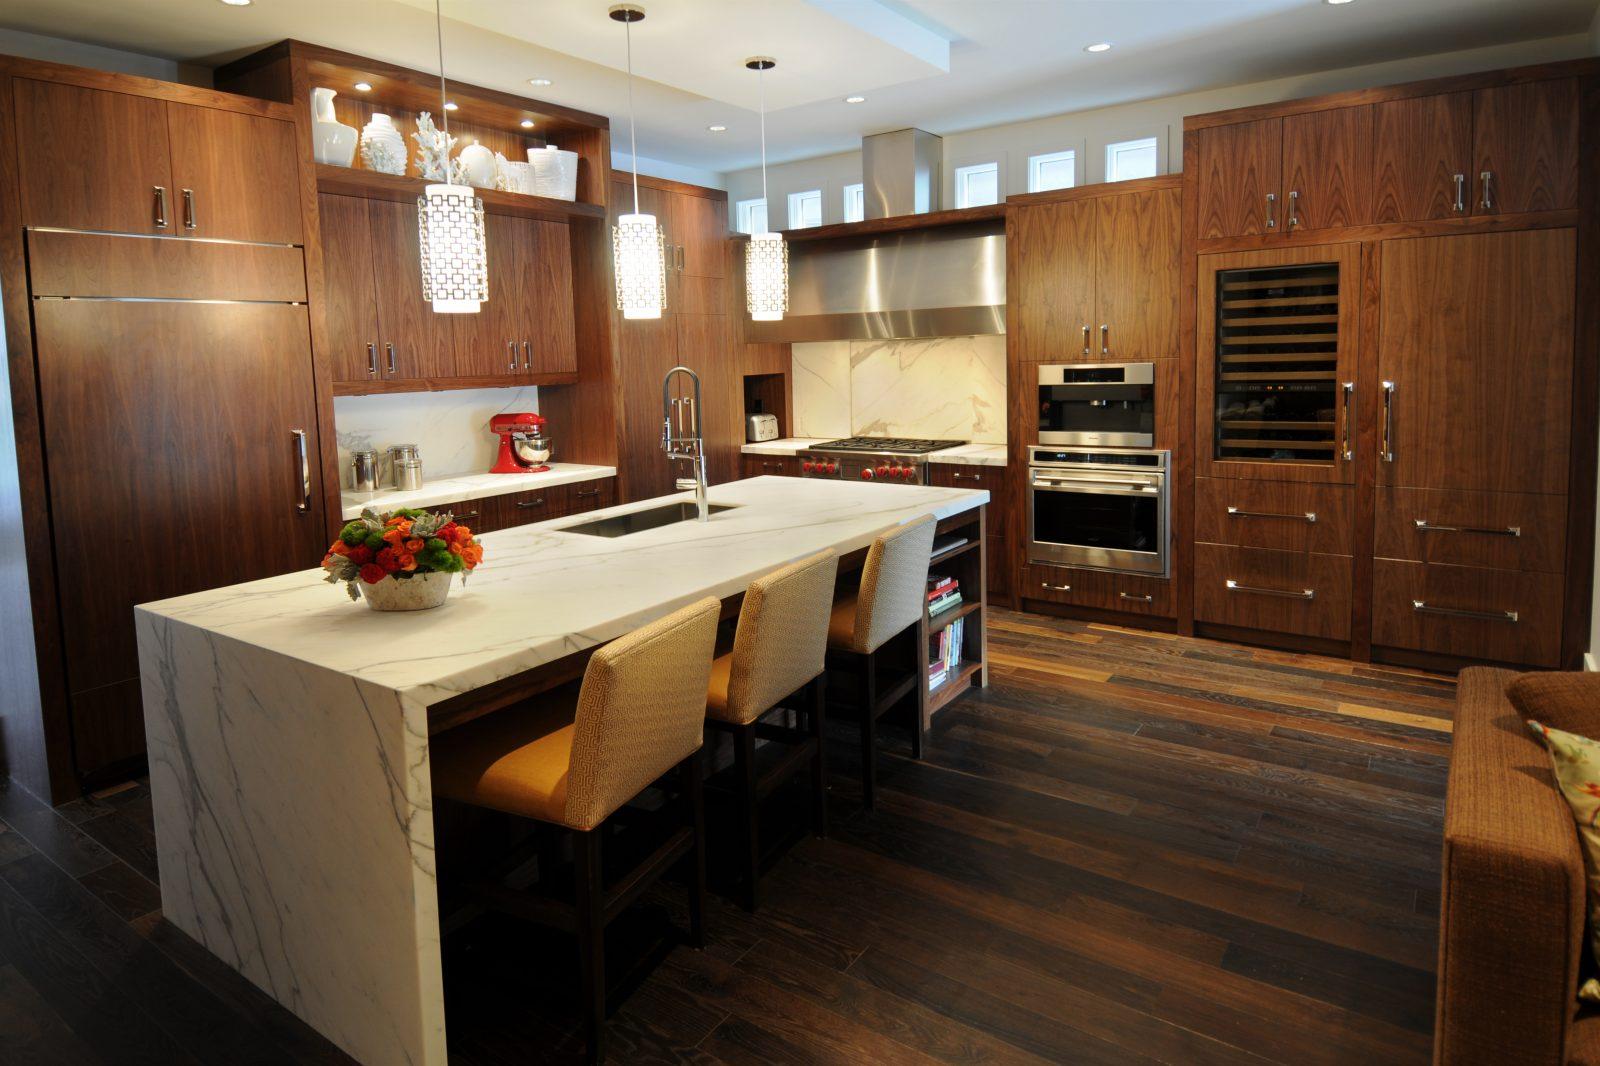 Encimeras de granito madera m rmol y melamina for Muebles de cocina tipo isla